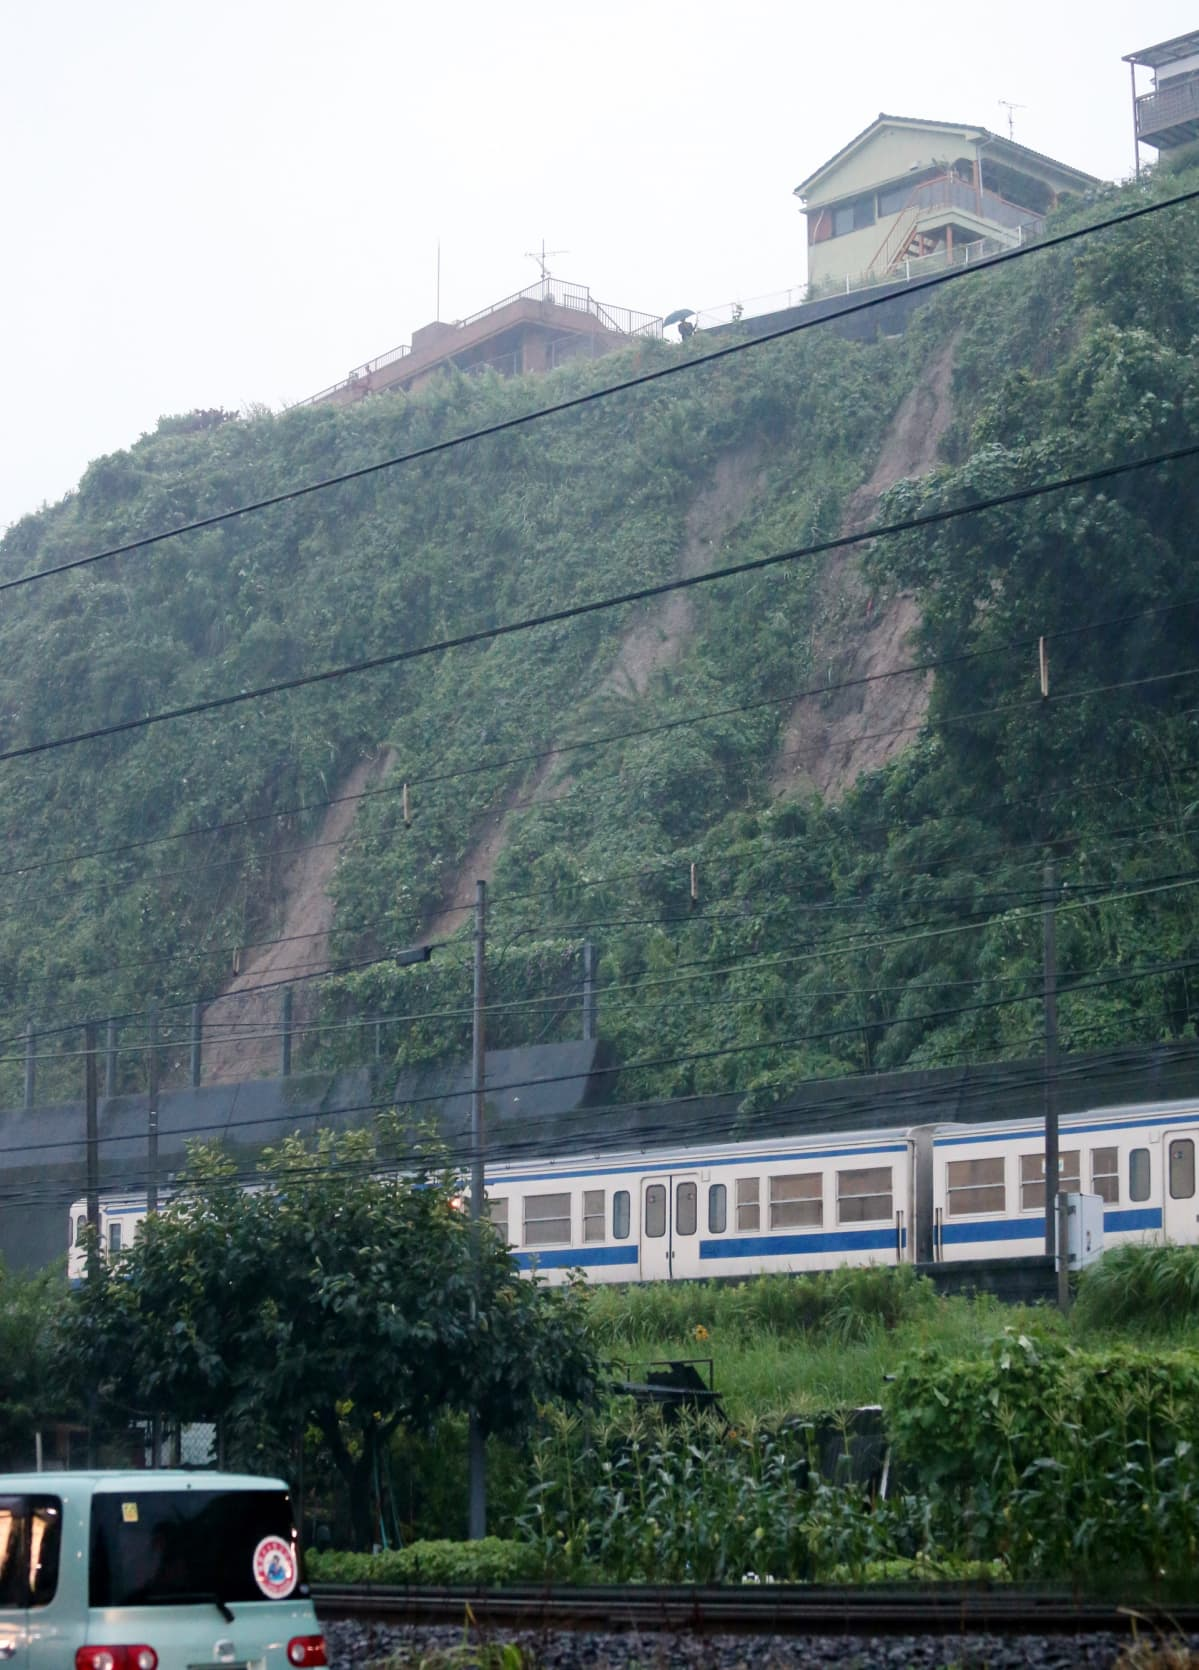 Rankkasateiden pelätään aiheuttavan tuhoisia maanvyöryjä Japanissa. Tässä juna Minami-Kagoshiman asemalla, maanvyörymän vieressä keskiviikkona.